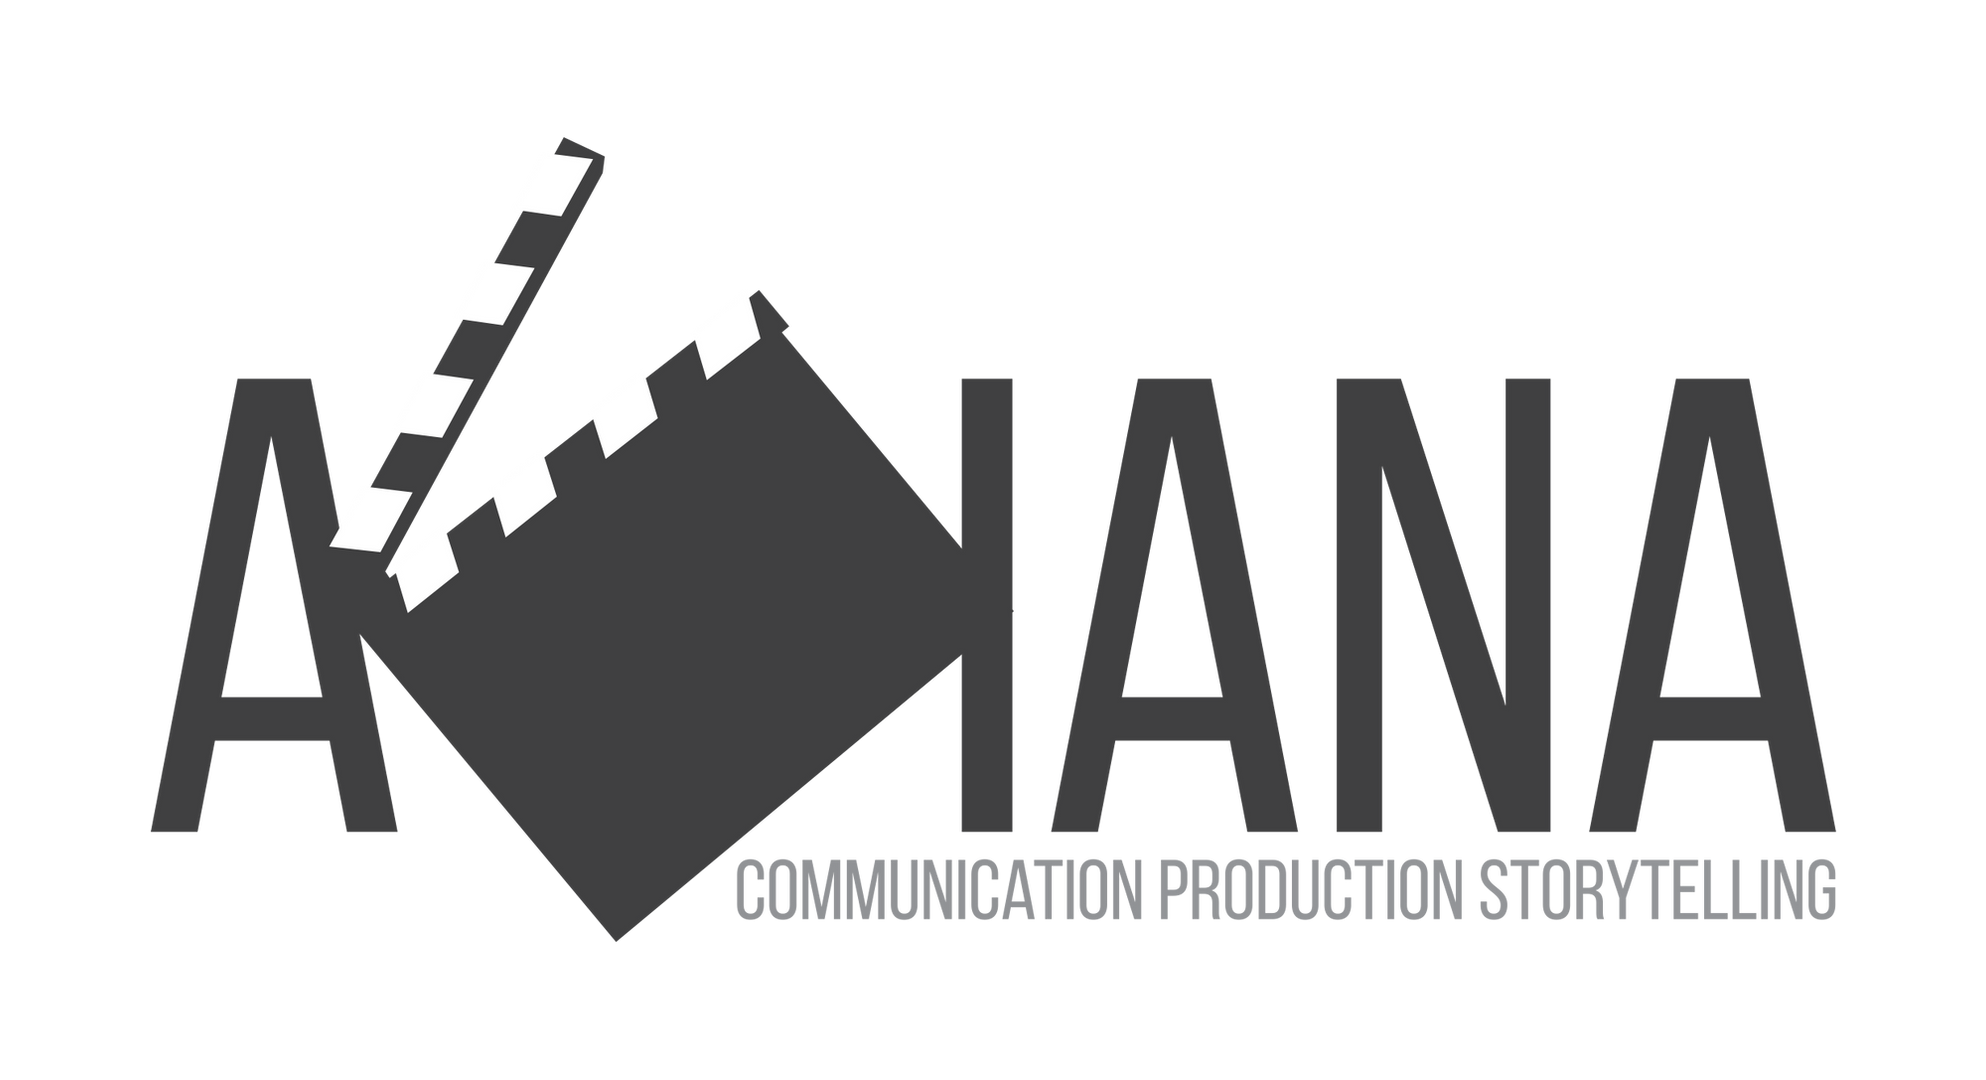 aviana logo.png